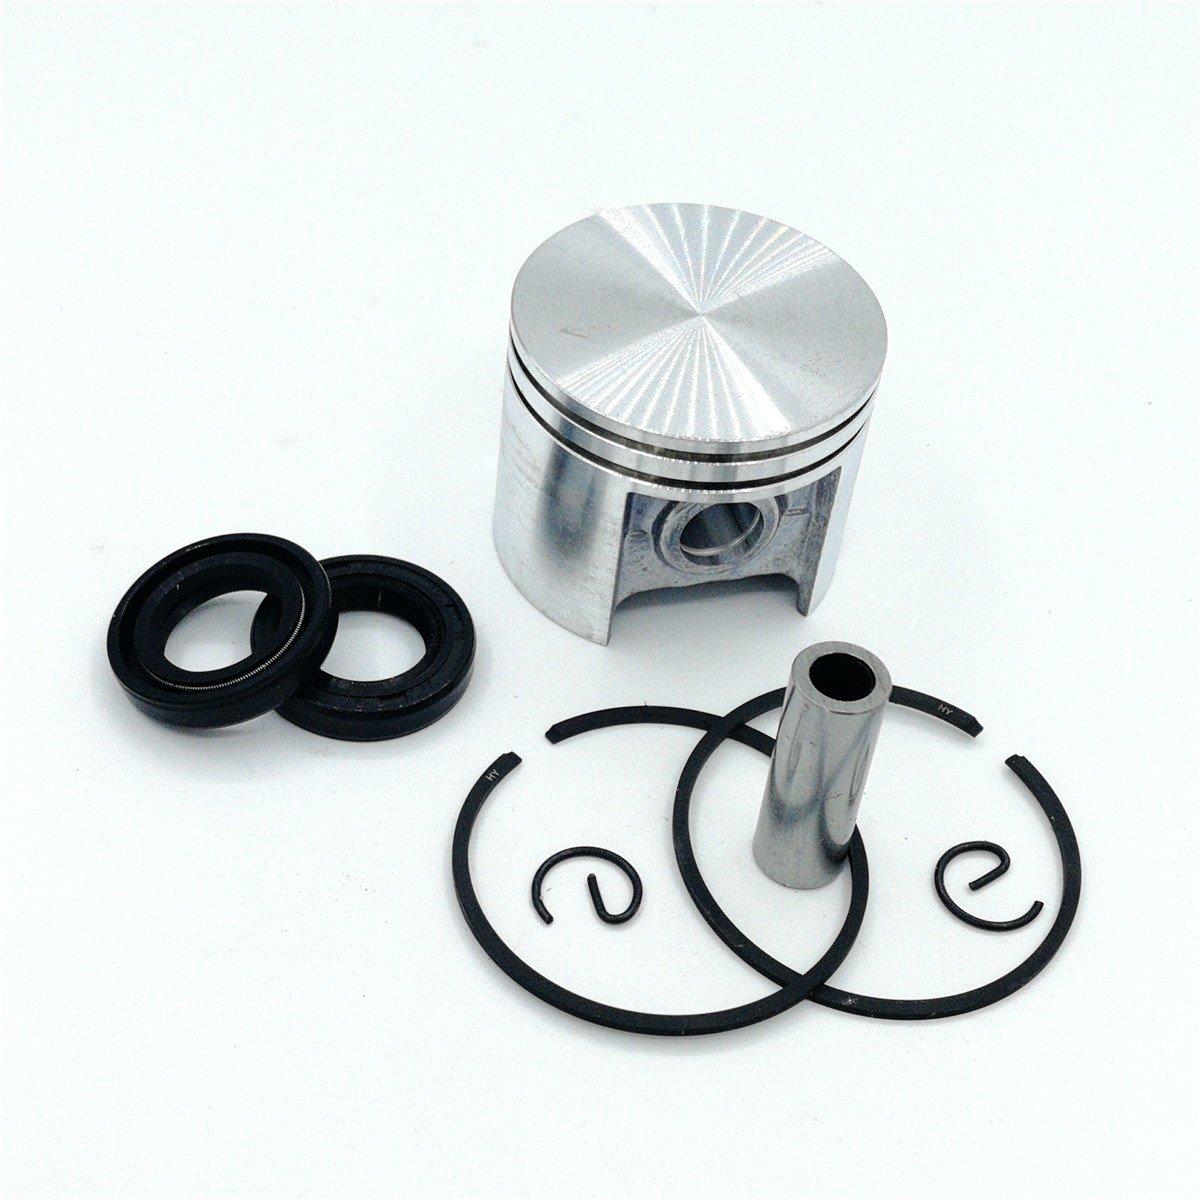 Shioshen 42,5mm aro del pist/ón Kit de sello de aceite para STIHL MS250 025 Motor piezas de la motosierra